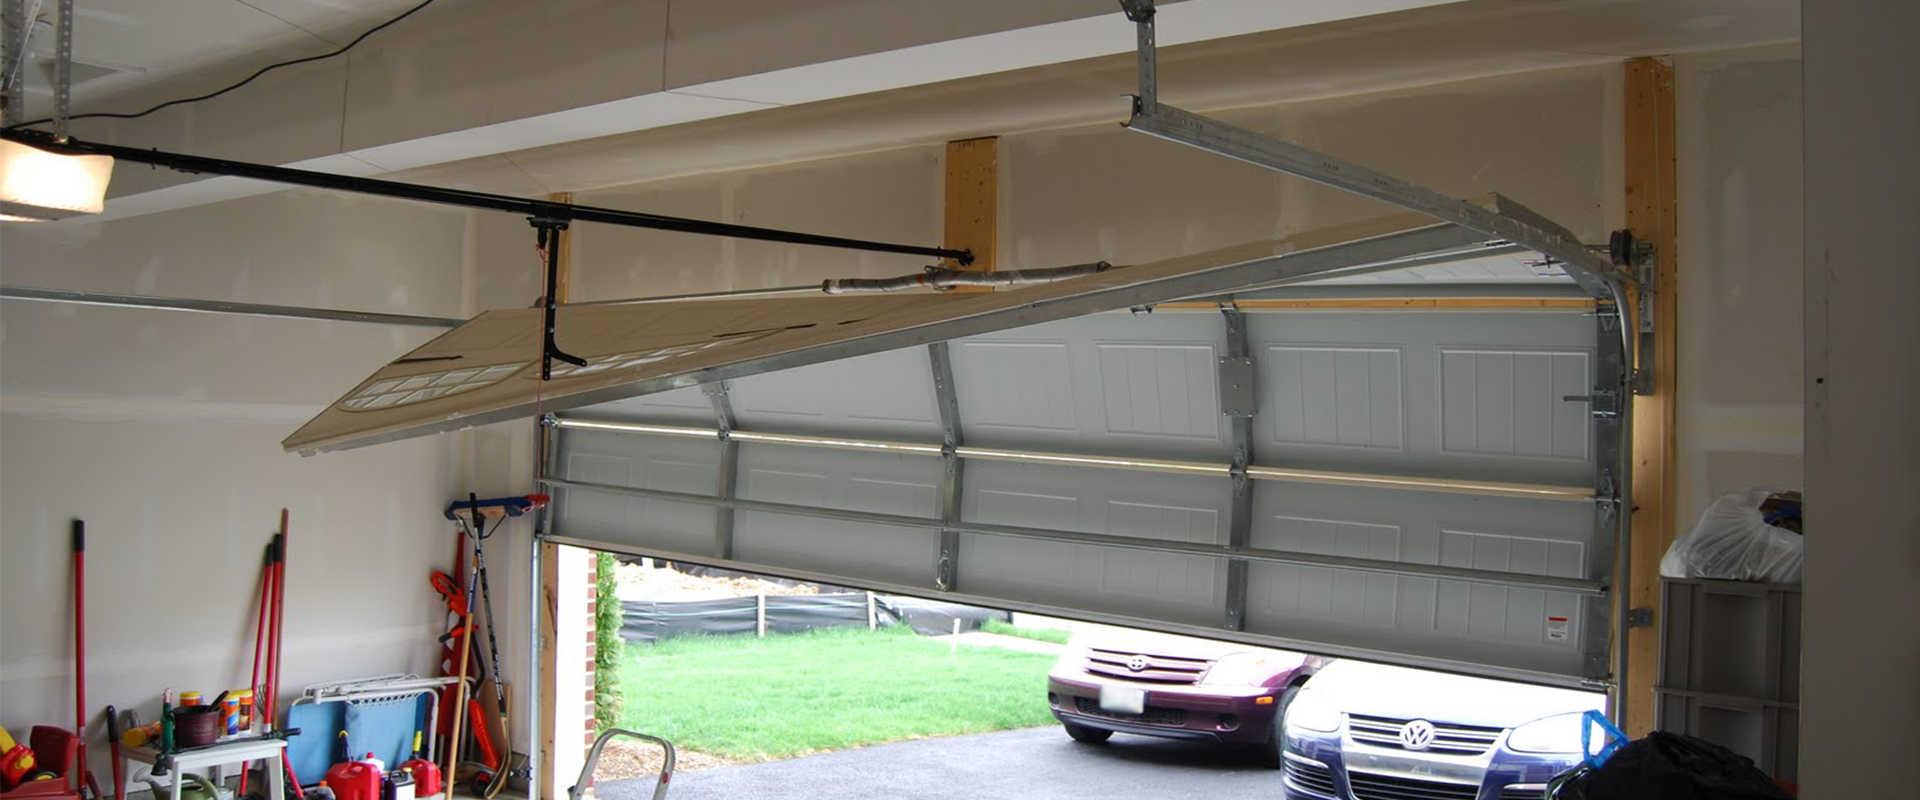 911 Garage Door Repair Albuquerque Nm Abq Garage Doors